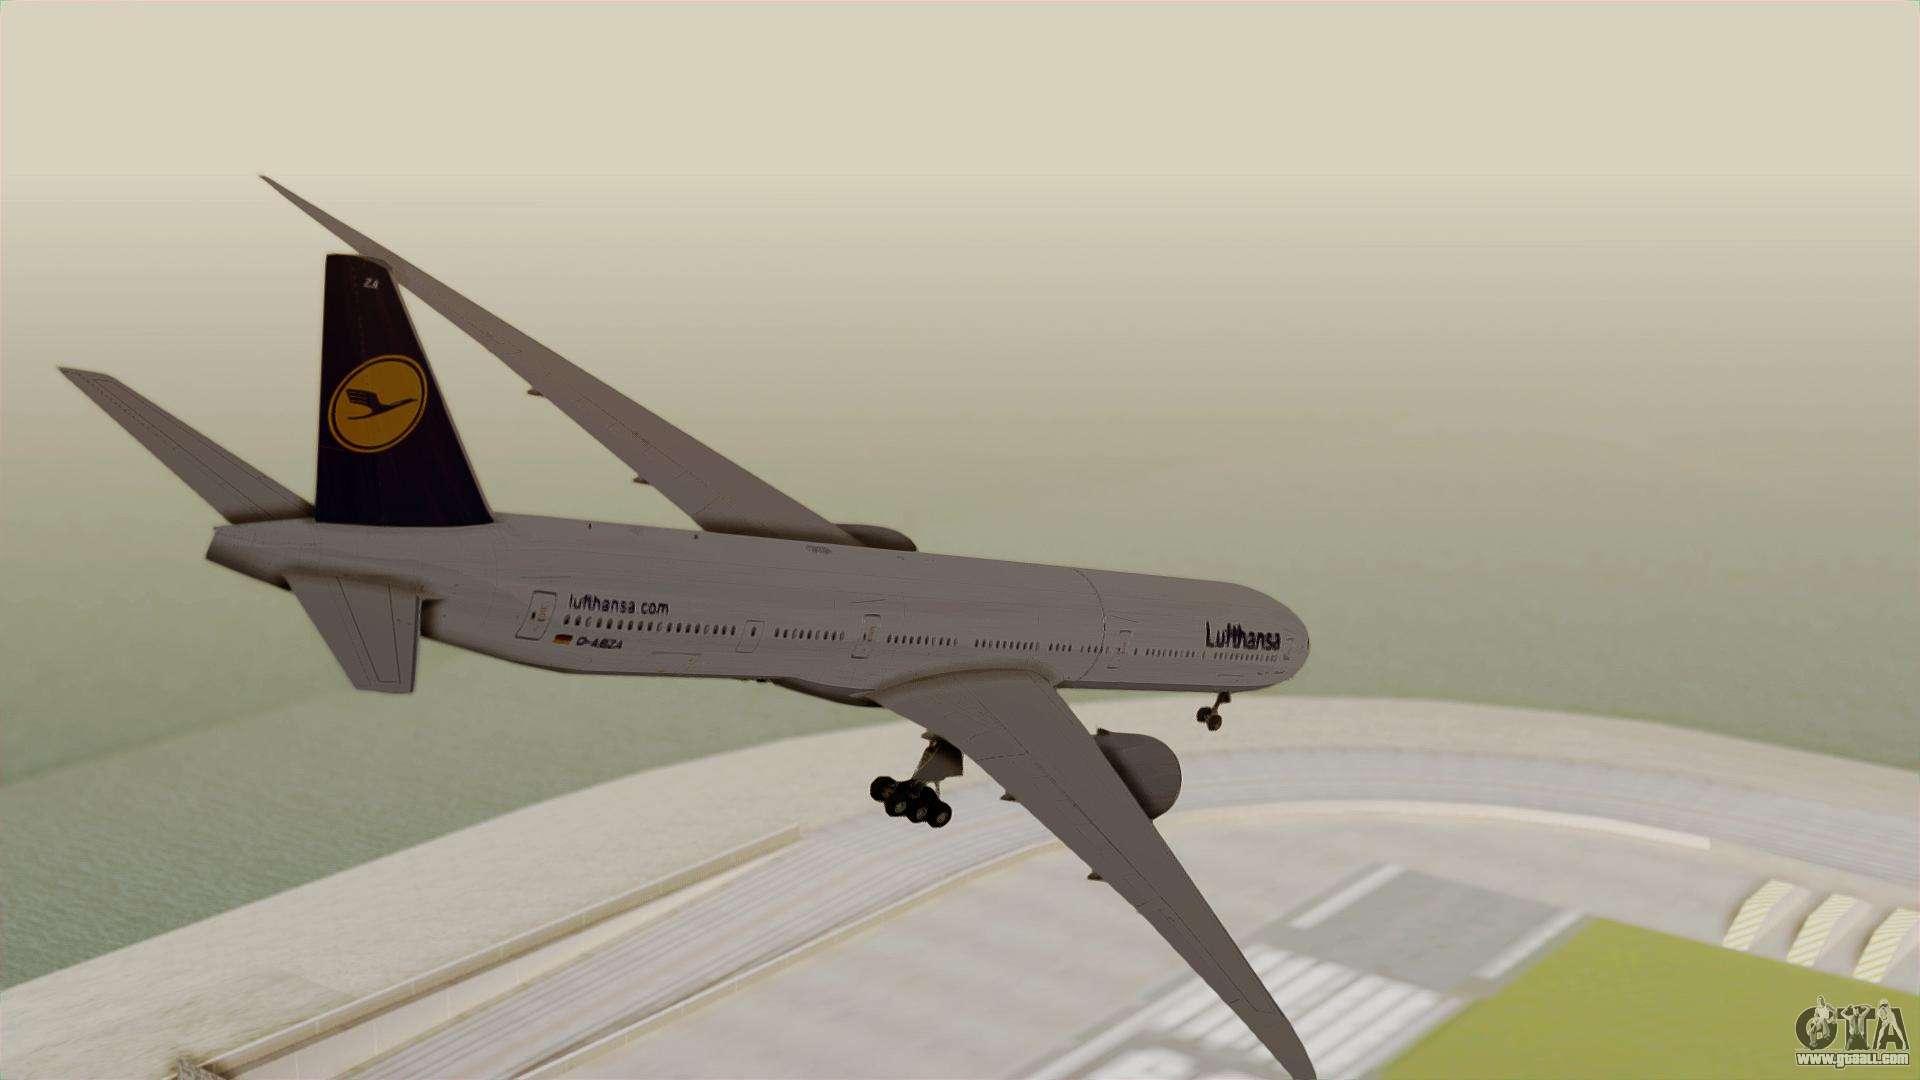 Boeing 777 9x deutsche lufthansa for gta san andreas left view